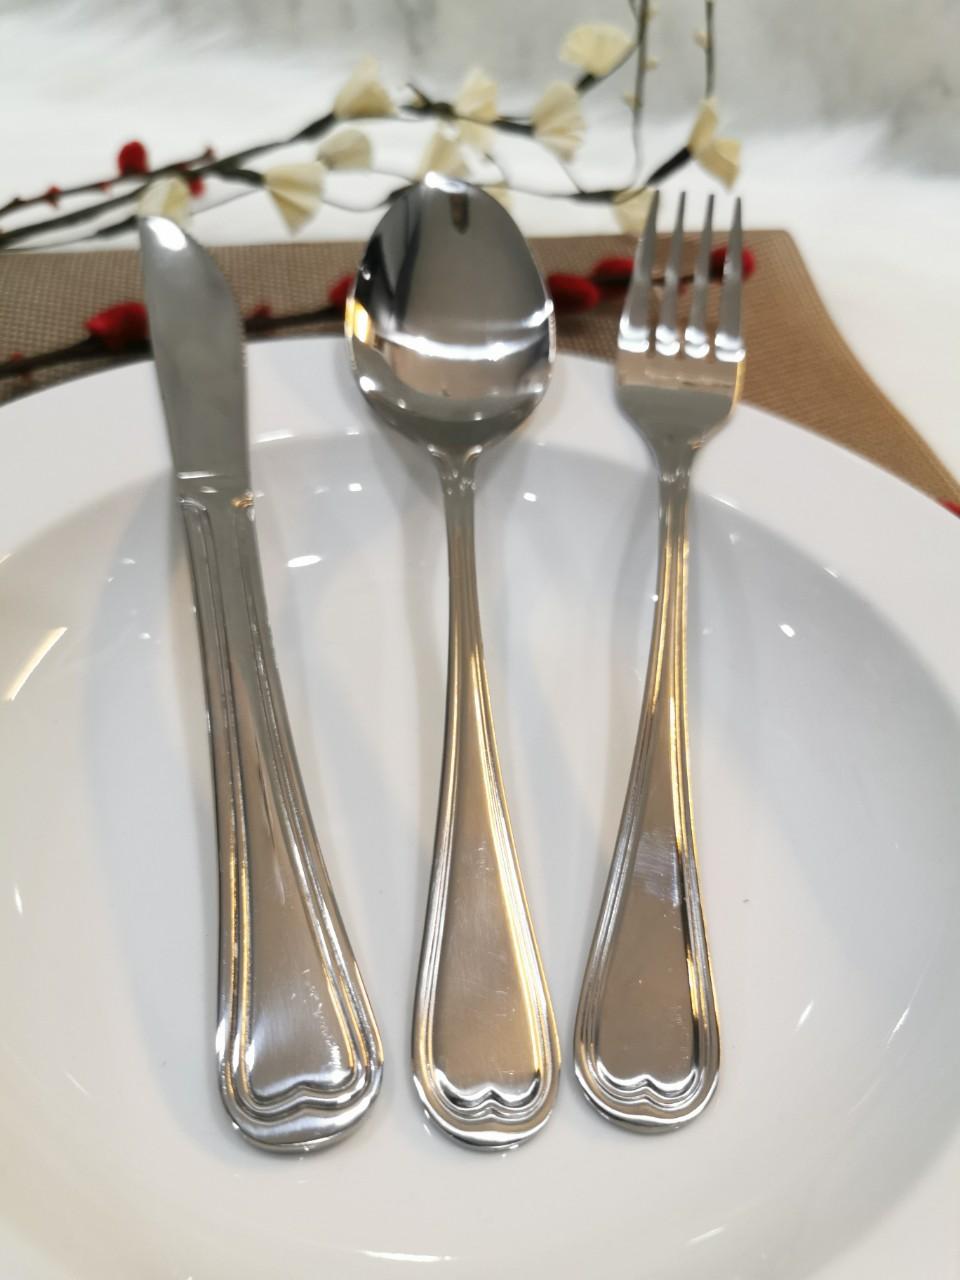 Bộ dao muỗng nĩa ăn inox 304 hình Tim.